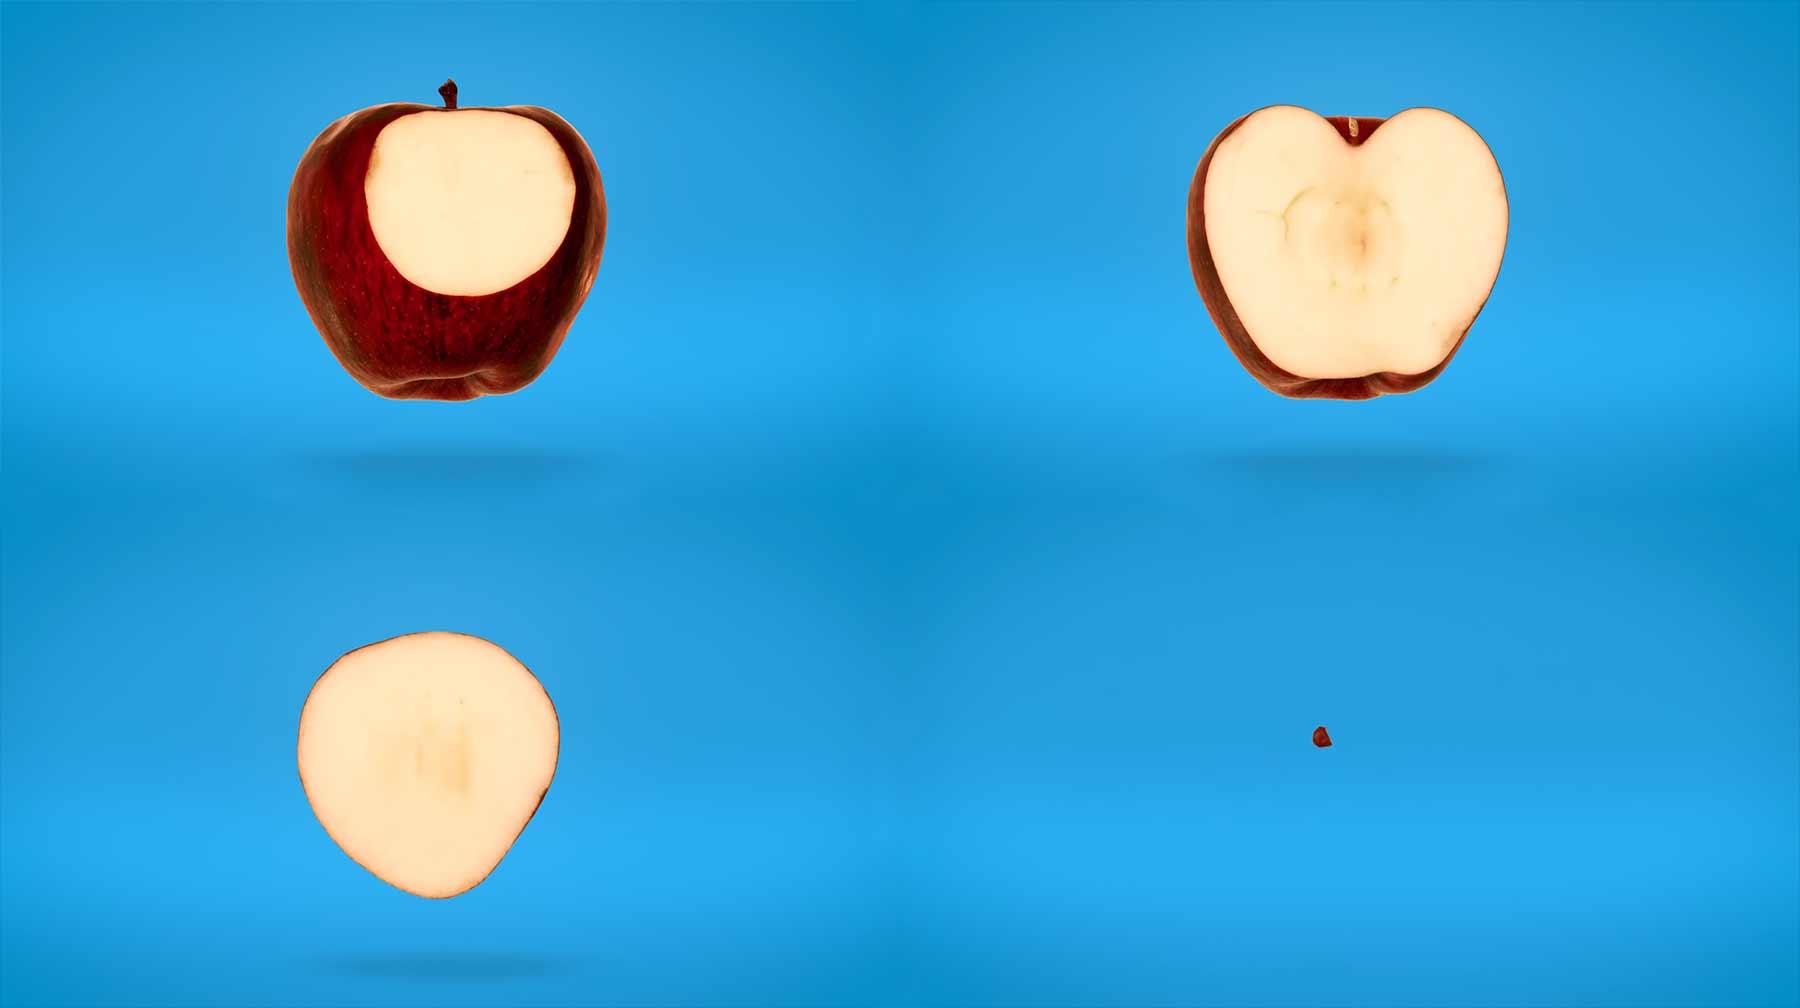 In Stopmotion-Schichten durch Essen fliegen mrt-mit-essen-kevin-parry